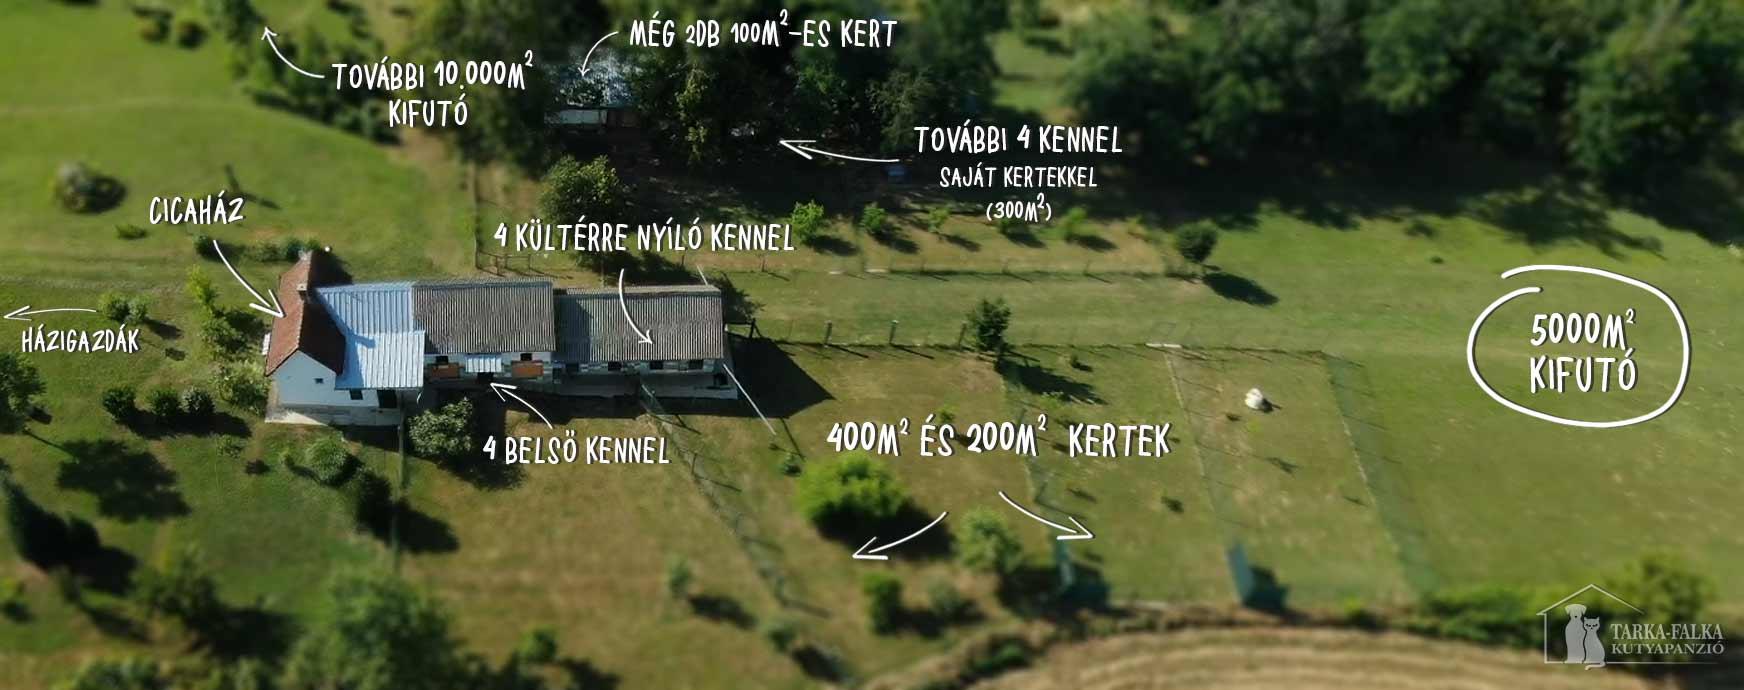 Légifotó Somogyaszaló Tarka-Falka Panzióban.